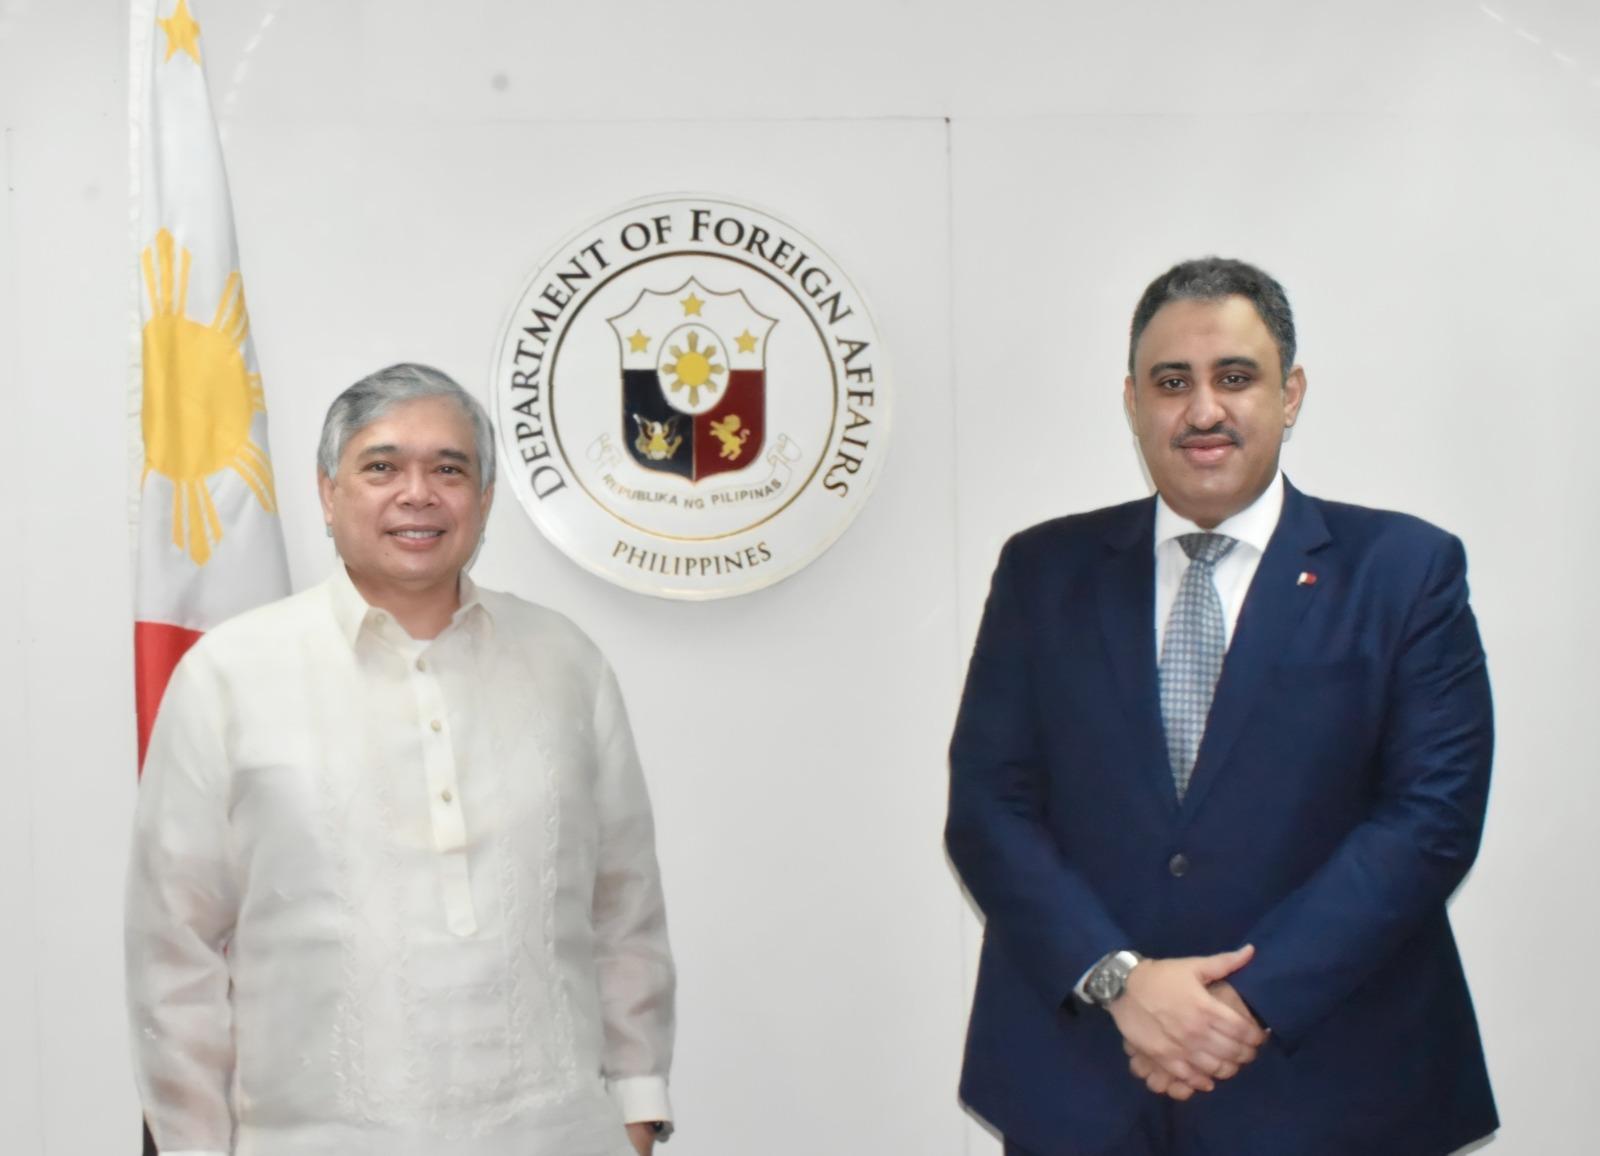 مساعد وزير الشؤون الخارجية الفلبيني يجتمع مع سفير قطر